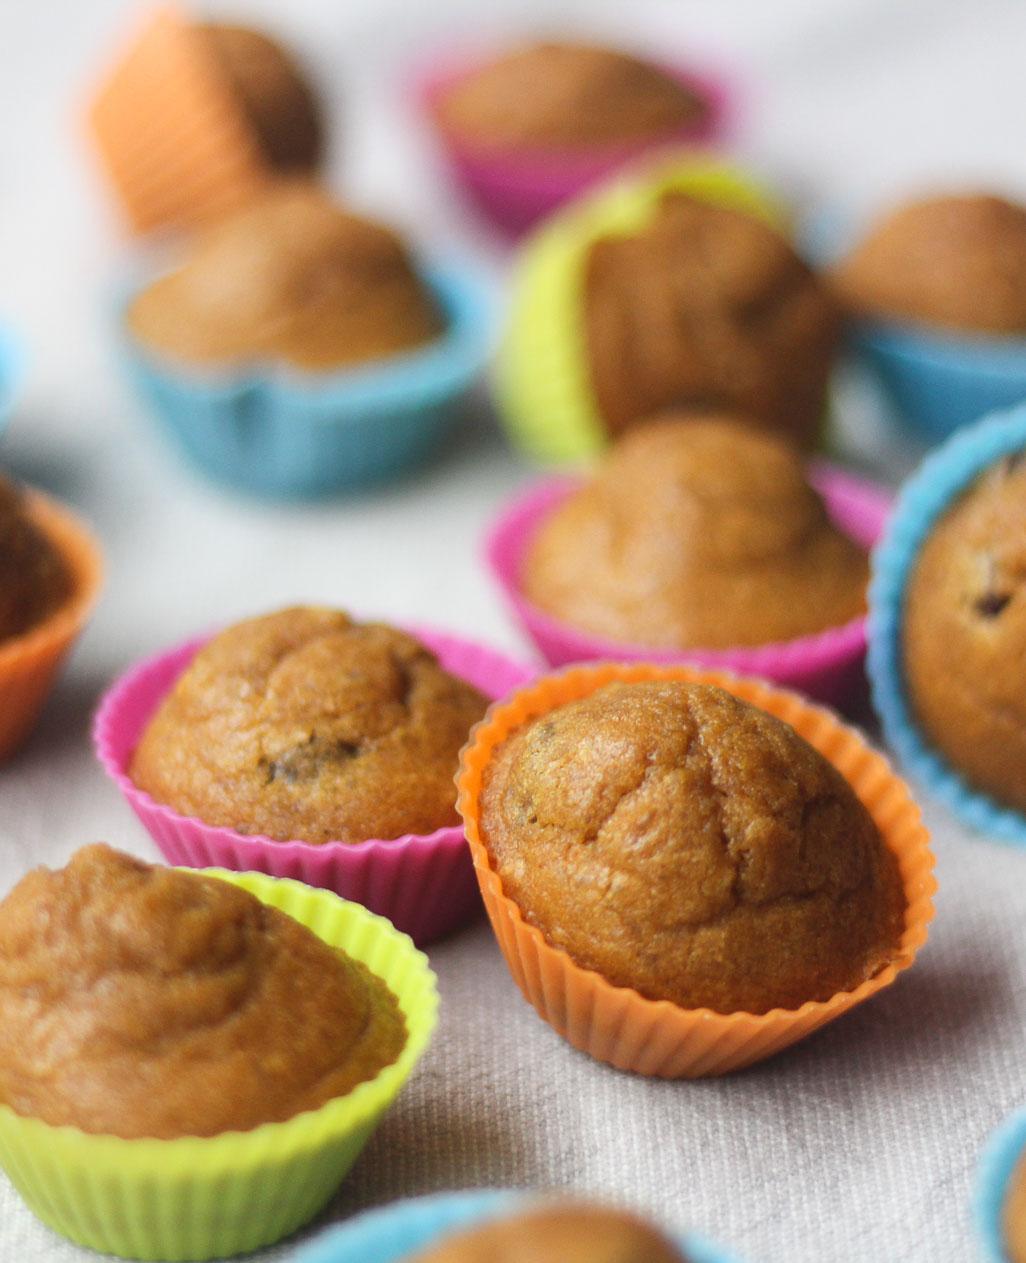 low-FODMAP_dairyfree_paleo_glutenfree_muffins (2 of 4).JPG